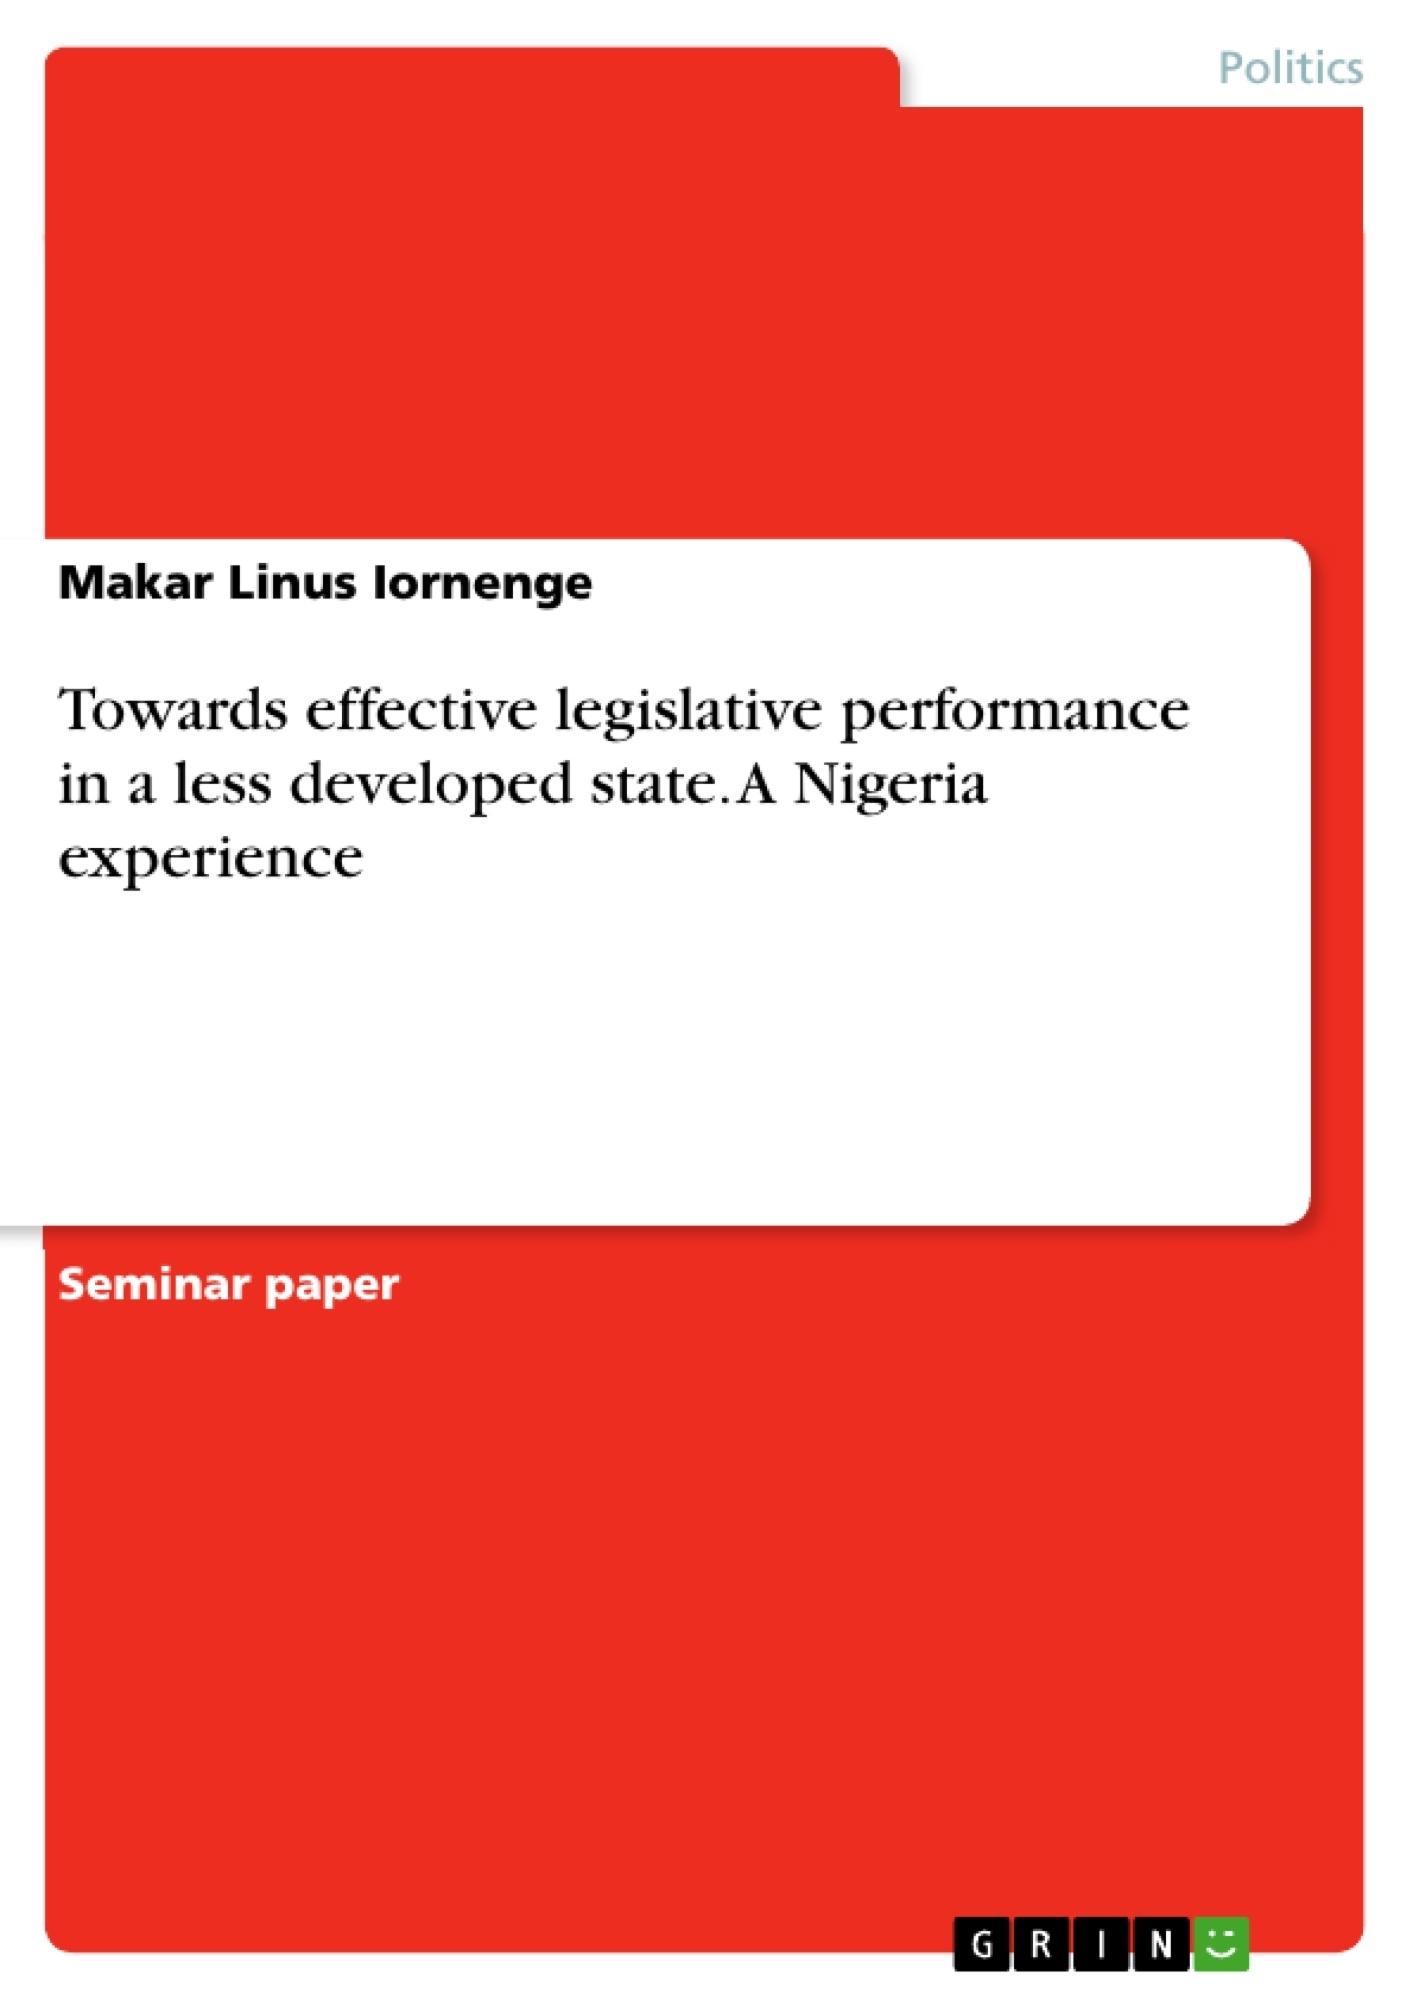 Development control in Nigeria - the Bauchi experience